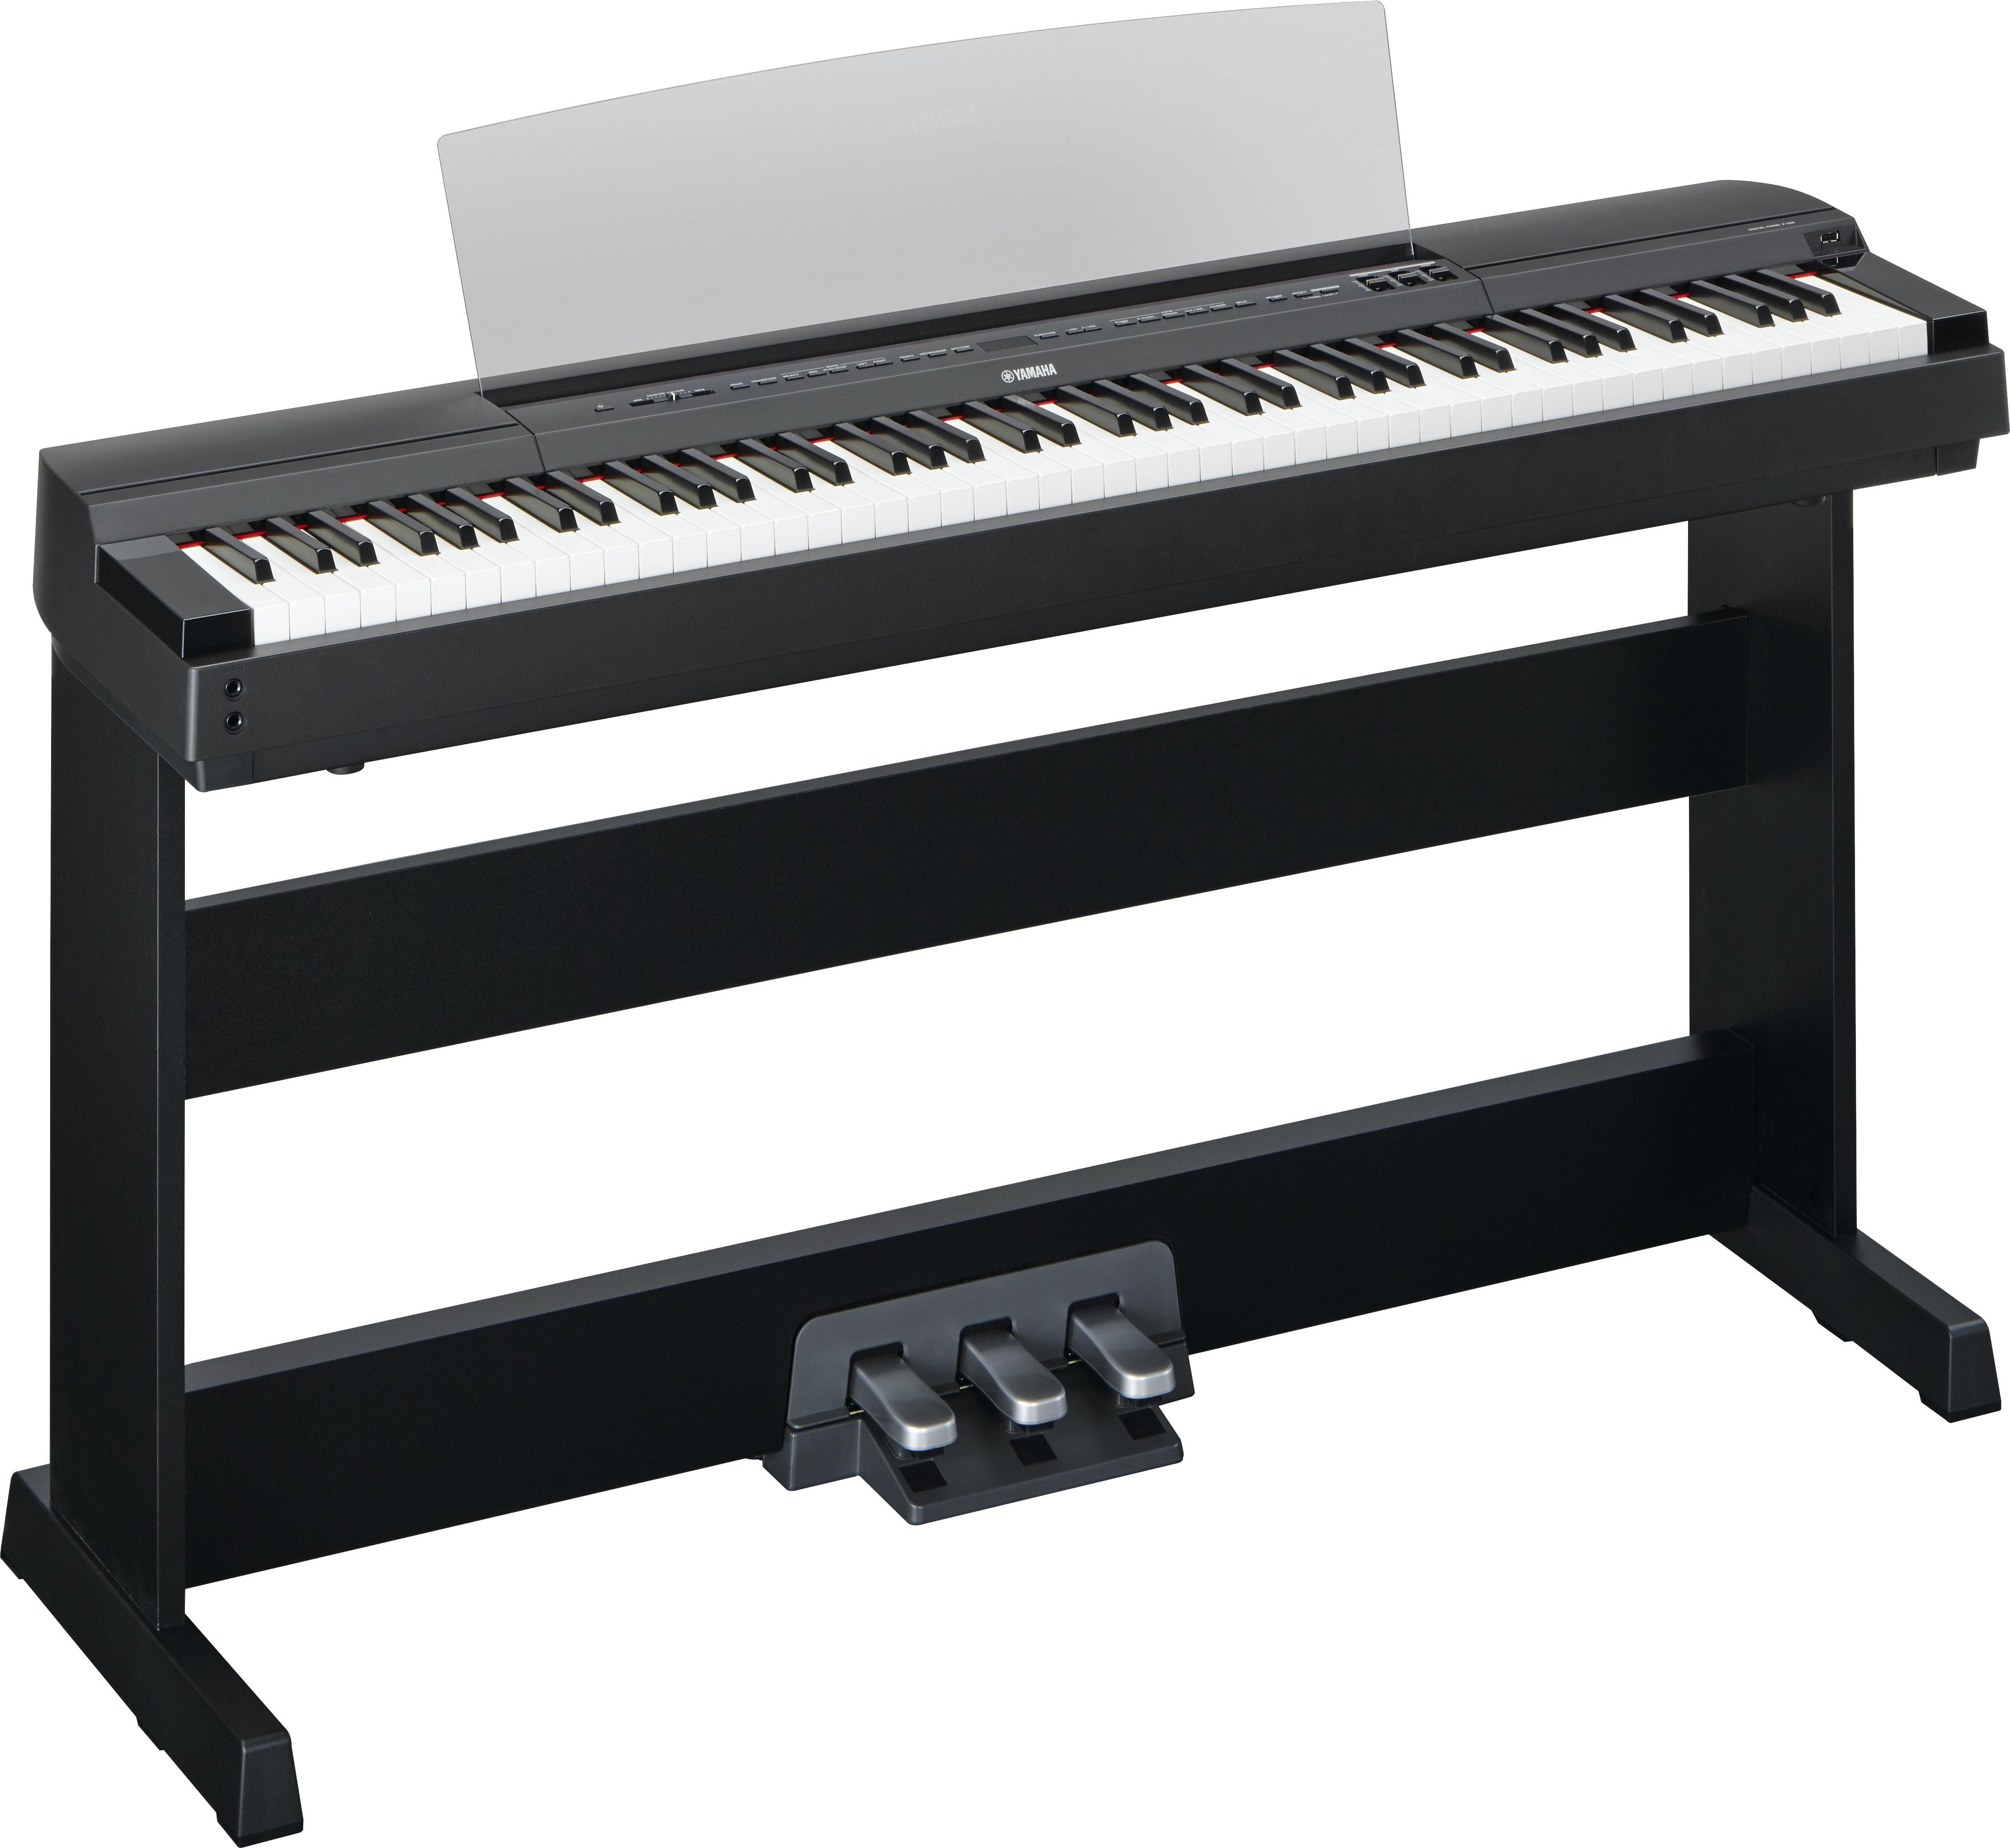 Yamaha p 255 portable digital piano takes piano tone and for Yamaha digital piano controller